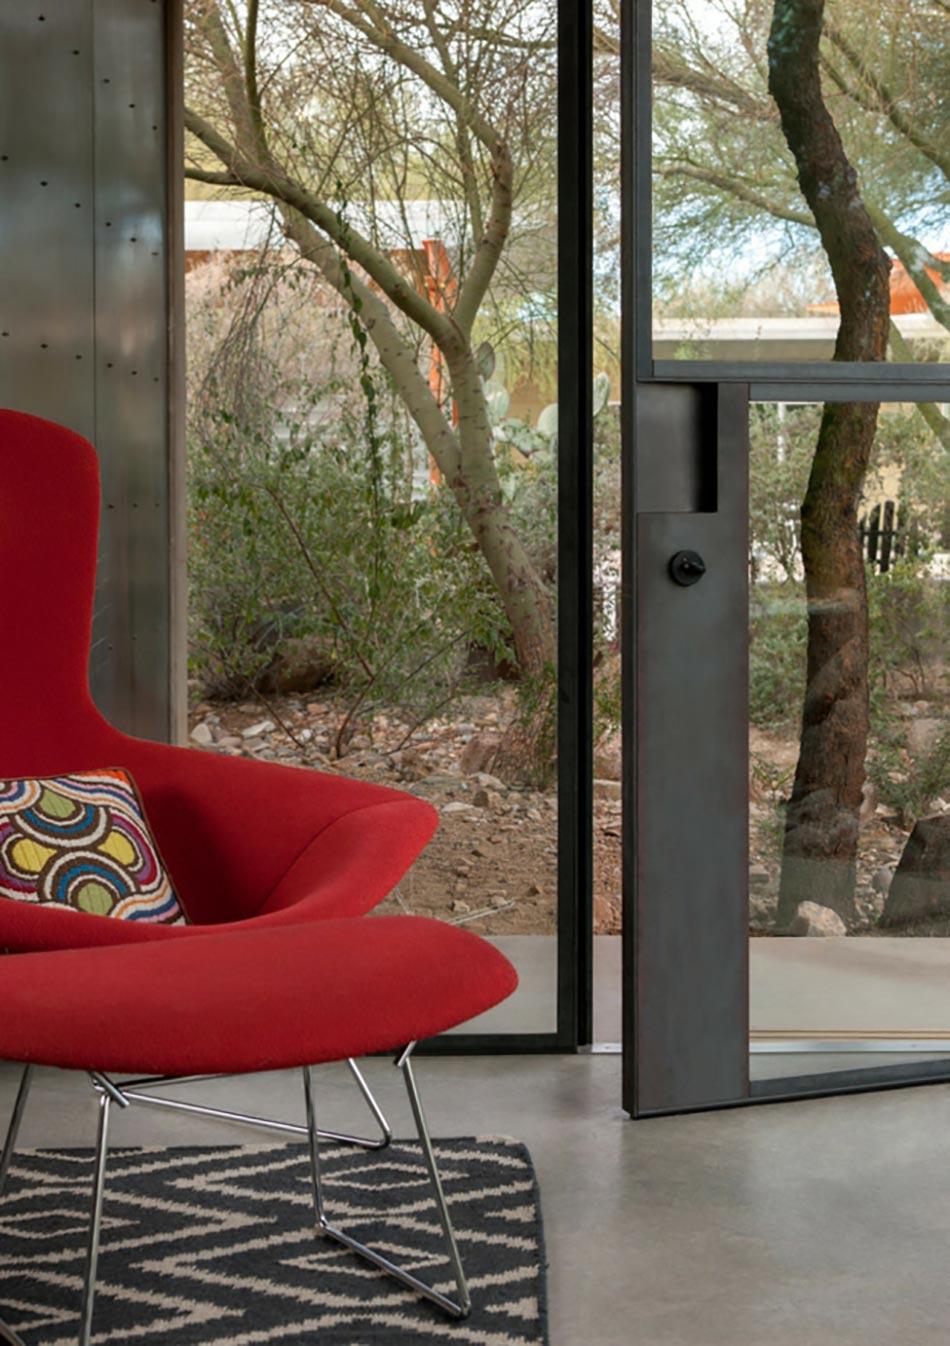 Location De Maison Fauteuil Rouge Design. Magnifique Demeure Location De  Vacances